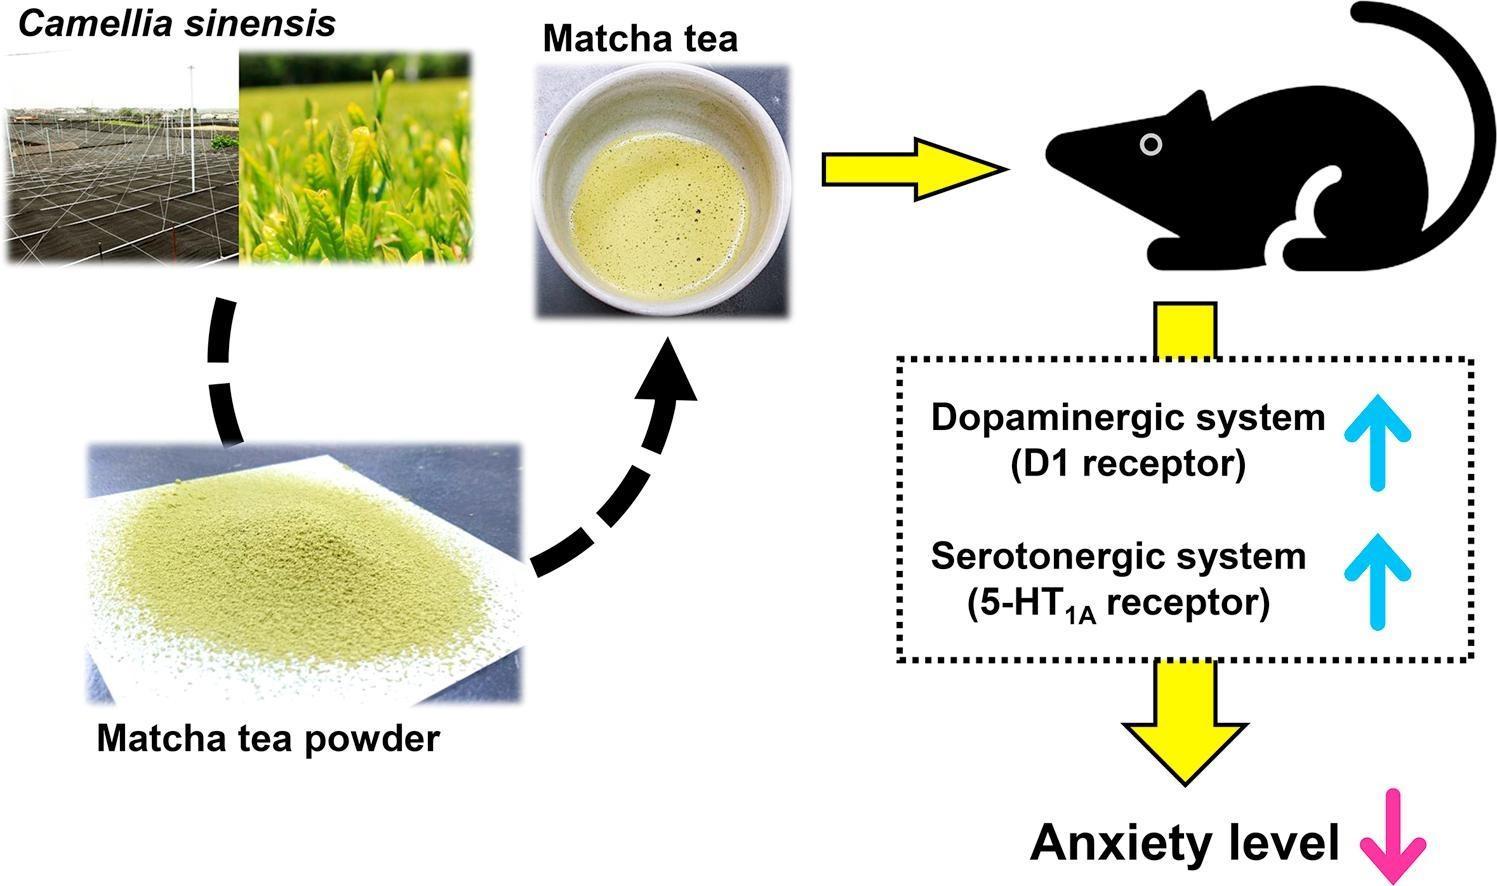 Чай маття снижает тревожность